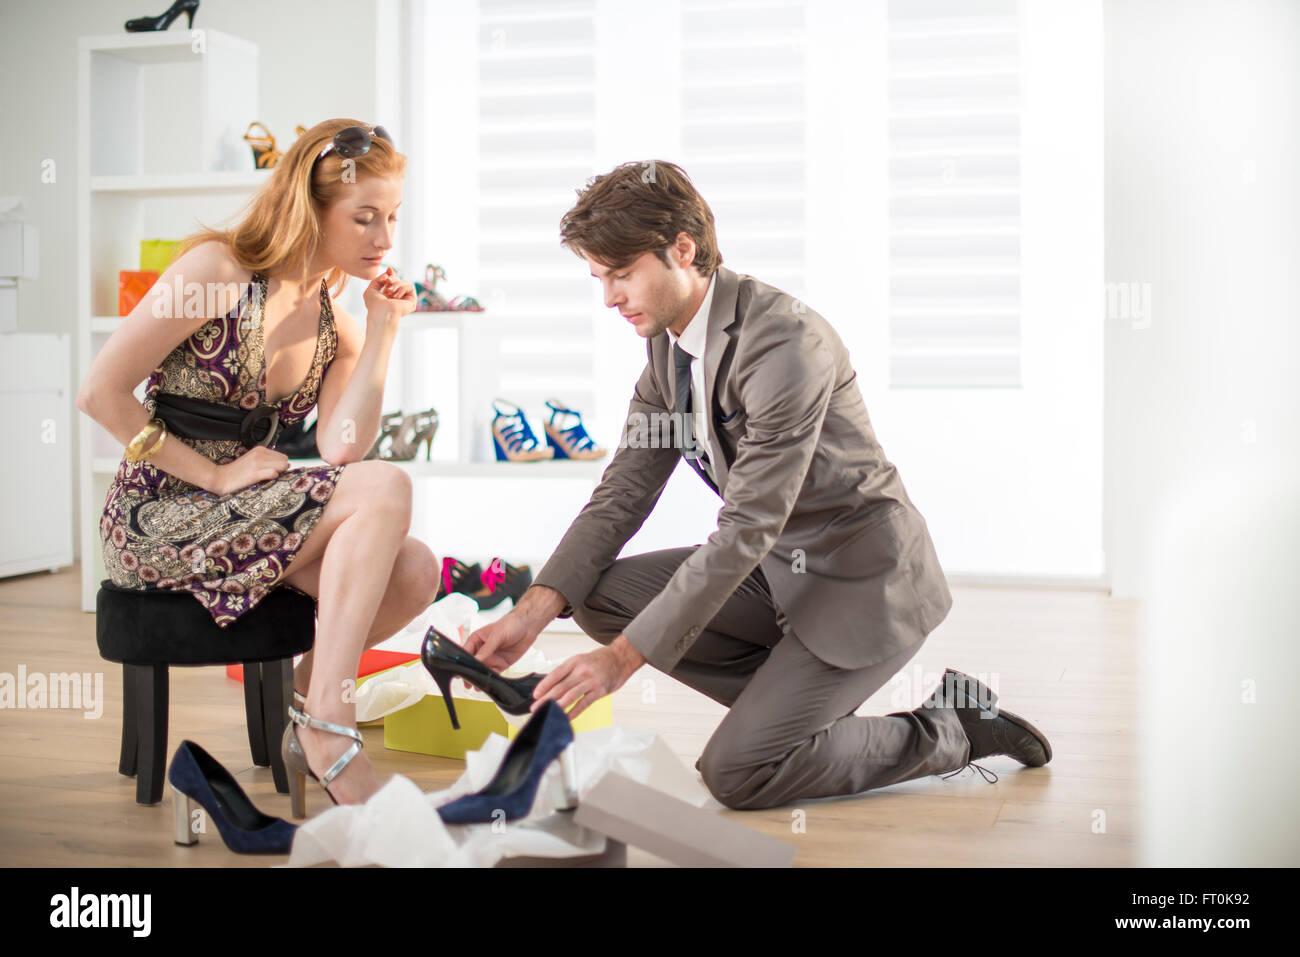 Vendedor propongo tratar los zapatos a una clienta Imagen De Stock c6da6b64dd